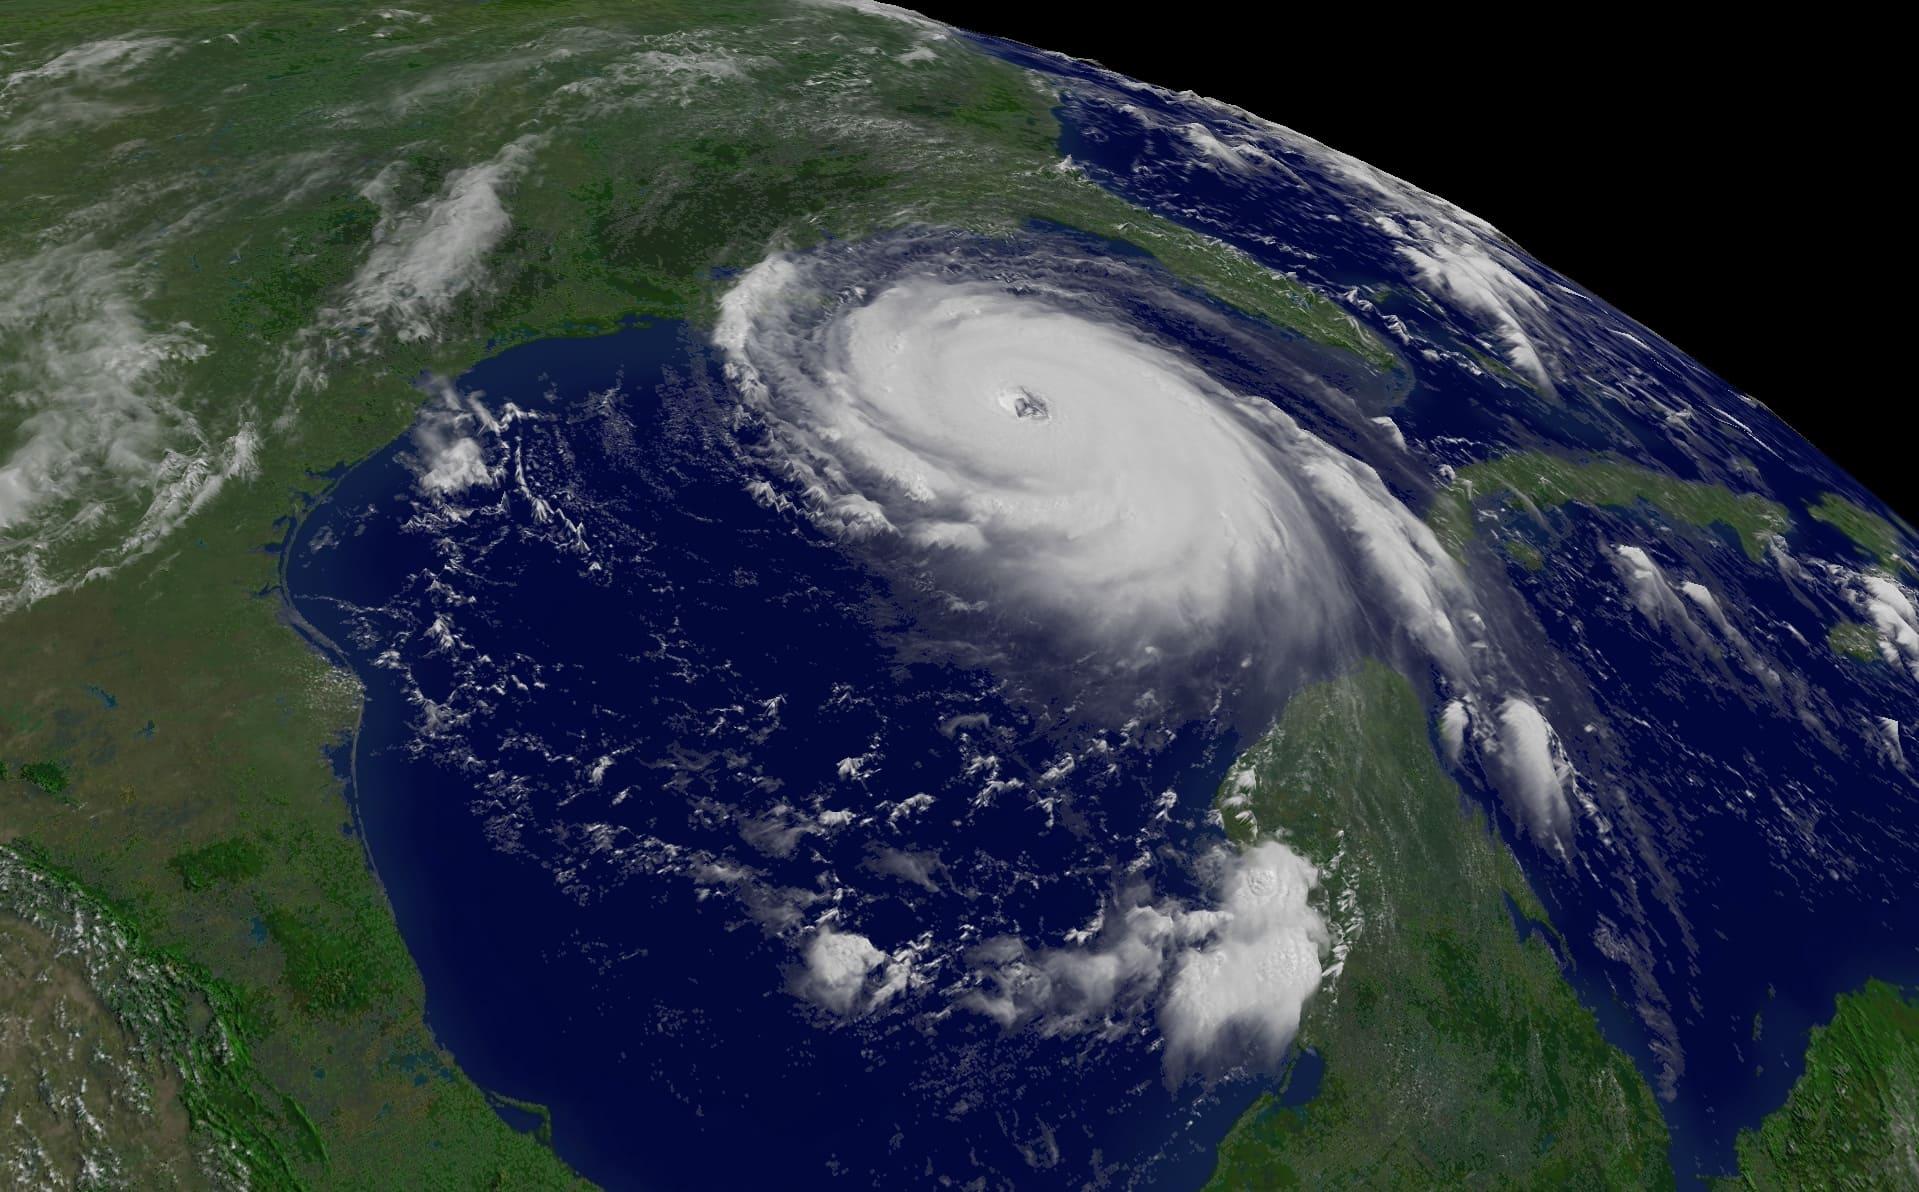 Экстремальная погода не убедила скептиков в реальности глобального потепления